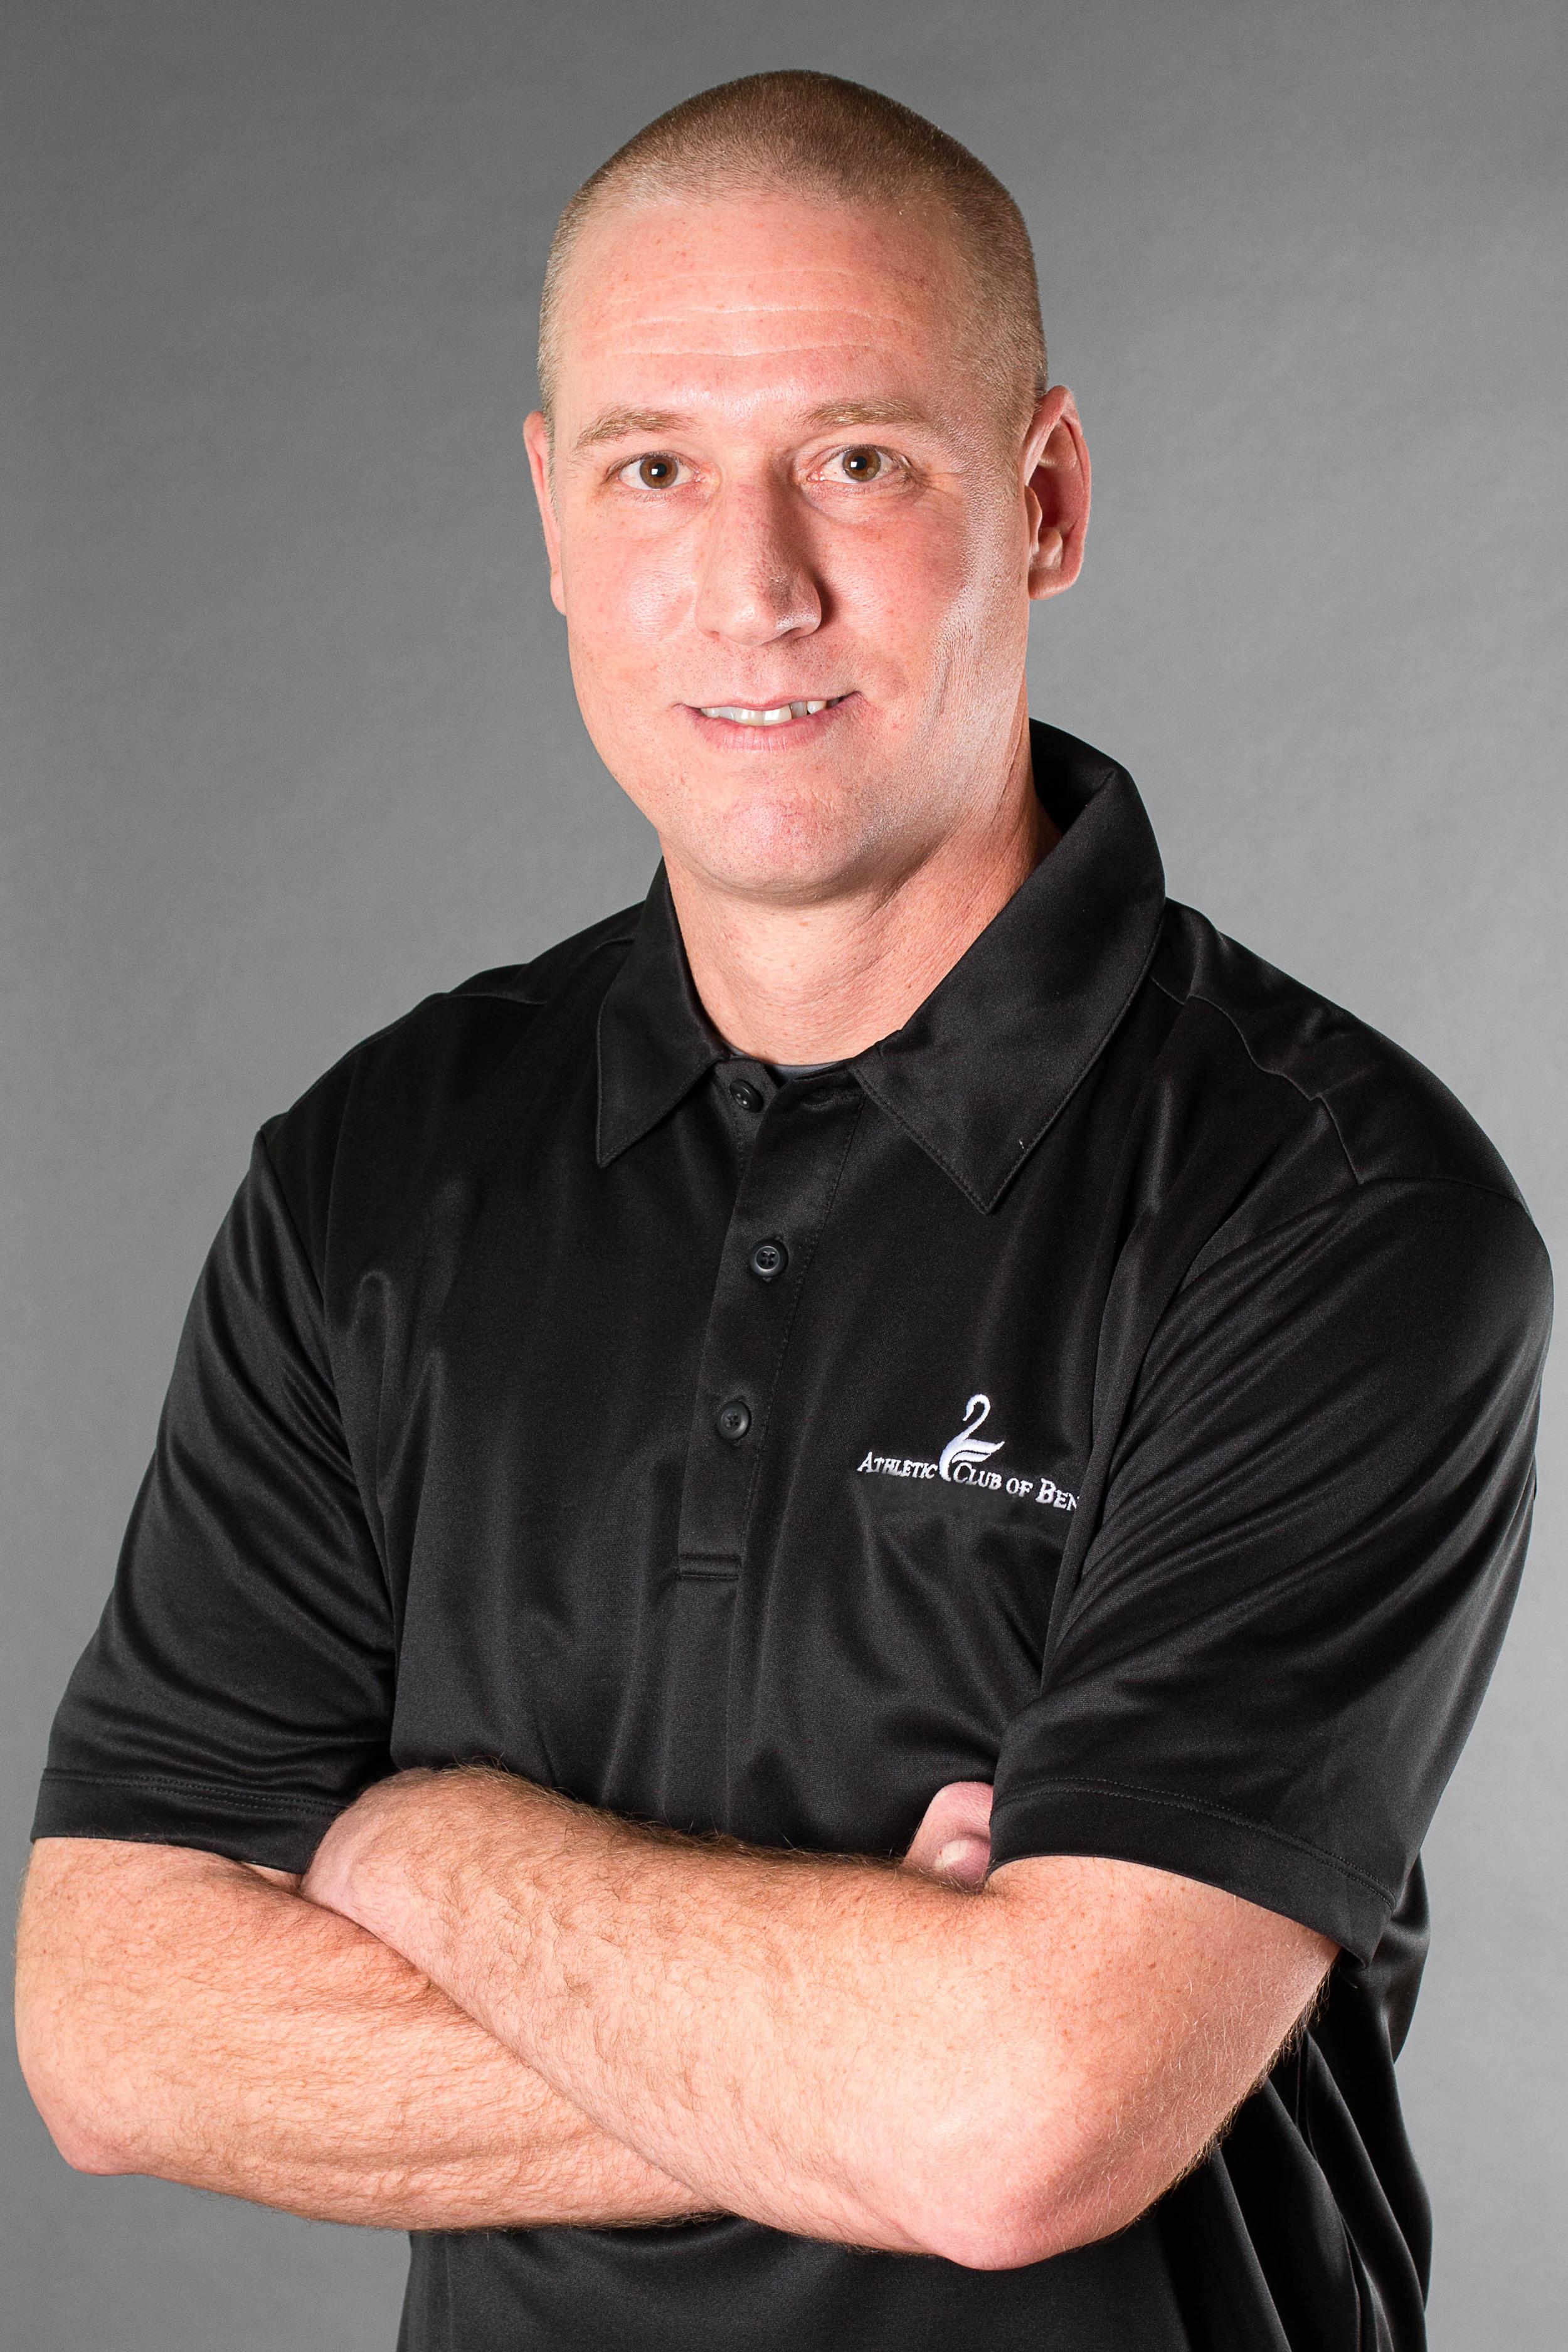 Casey O'Shea, Head Tennis Pro